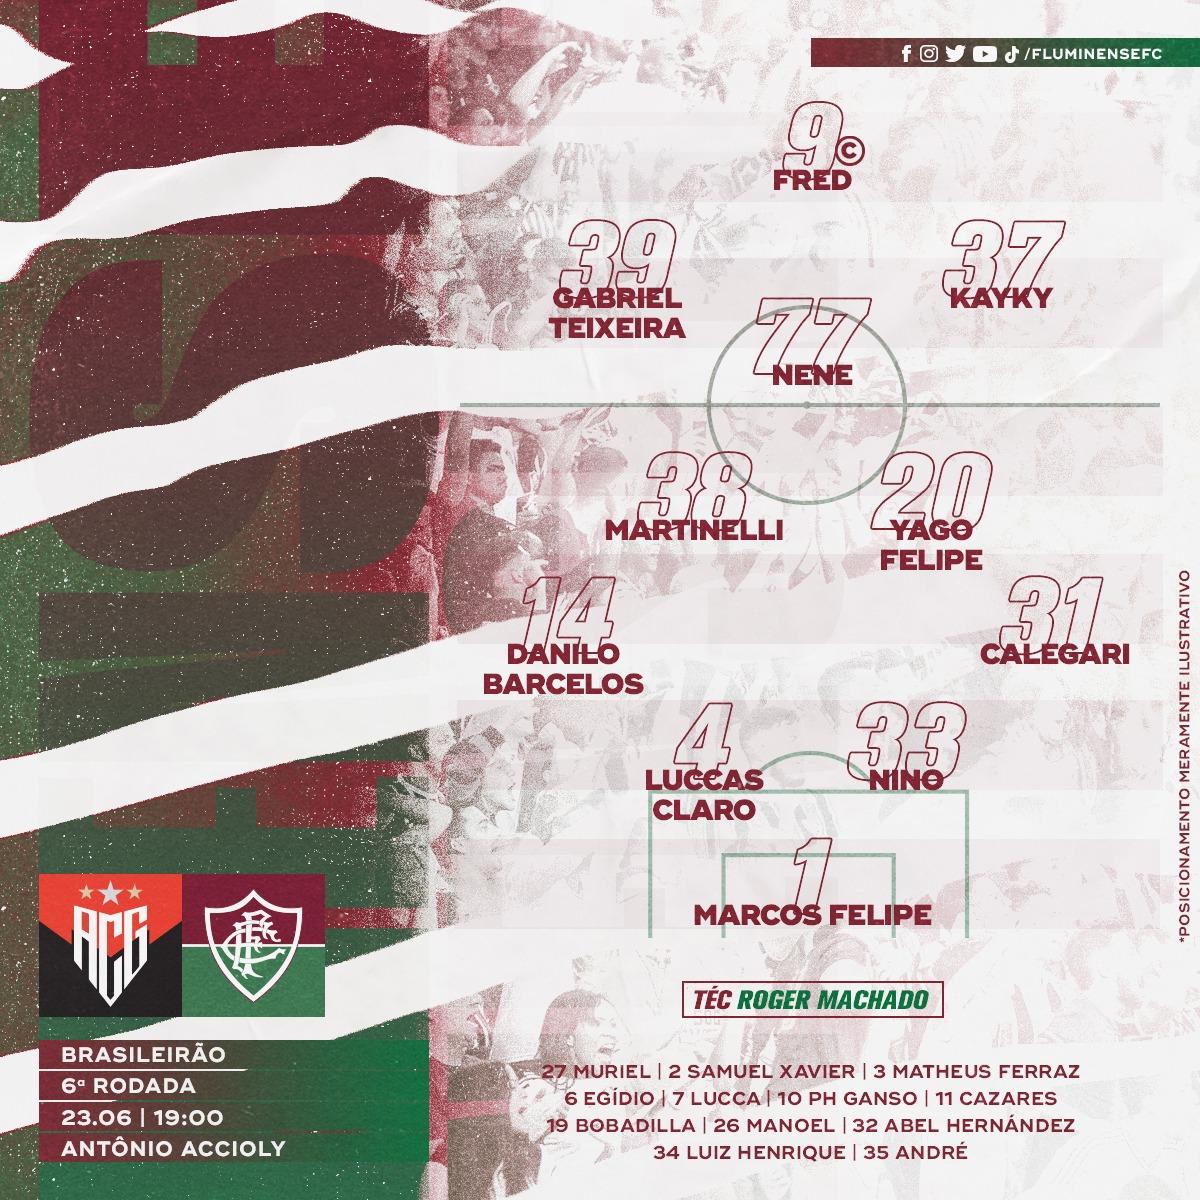 Fluminense escalado para pegar o Atlético-GO pela Série A